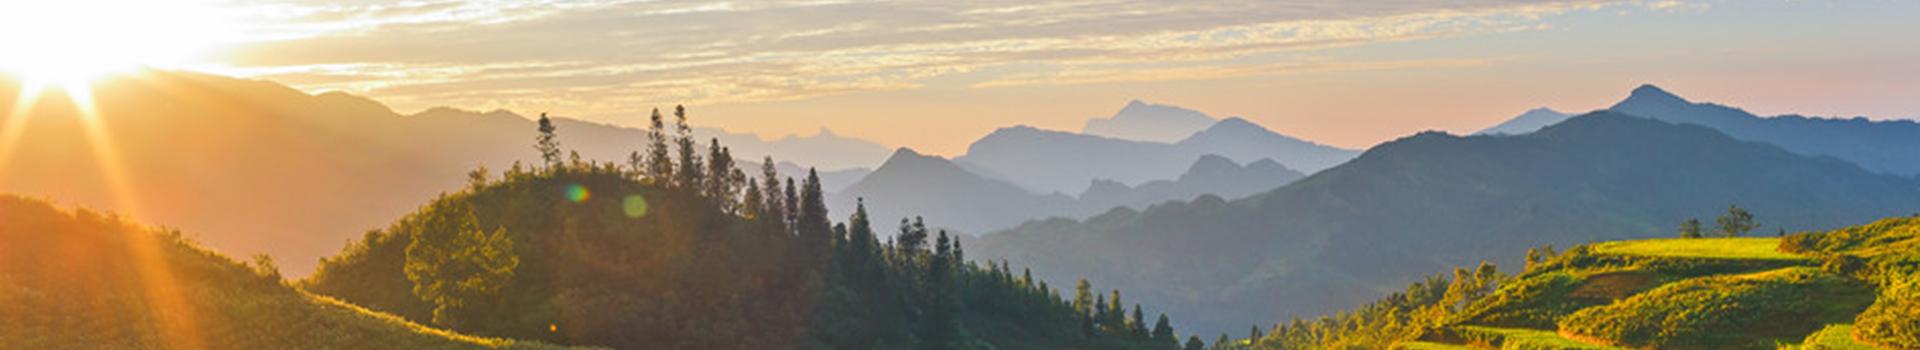 Многоликий Вьетнам:<br>Ханой, Хазянг, Куан Ба, Йен Минь, Лунг Ку, Донг Ван, Мео Вак, озеро Ба Бе, Ханой